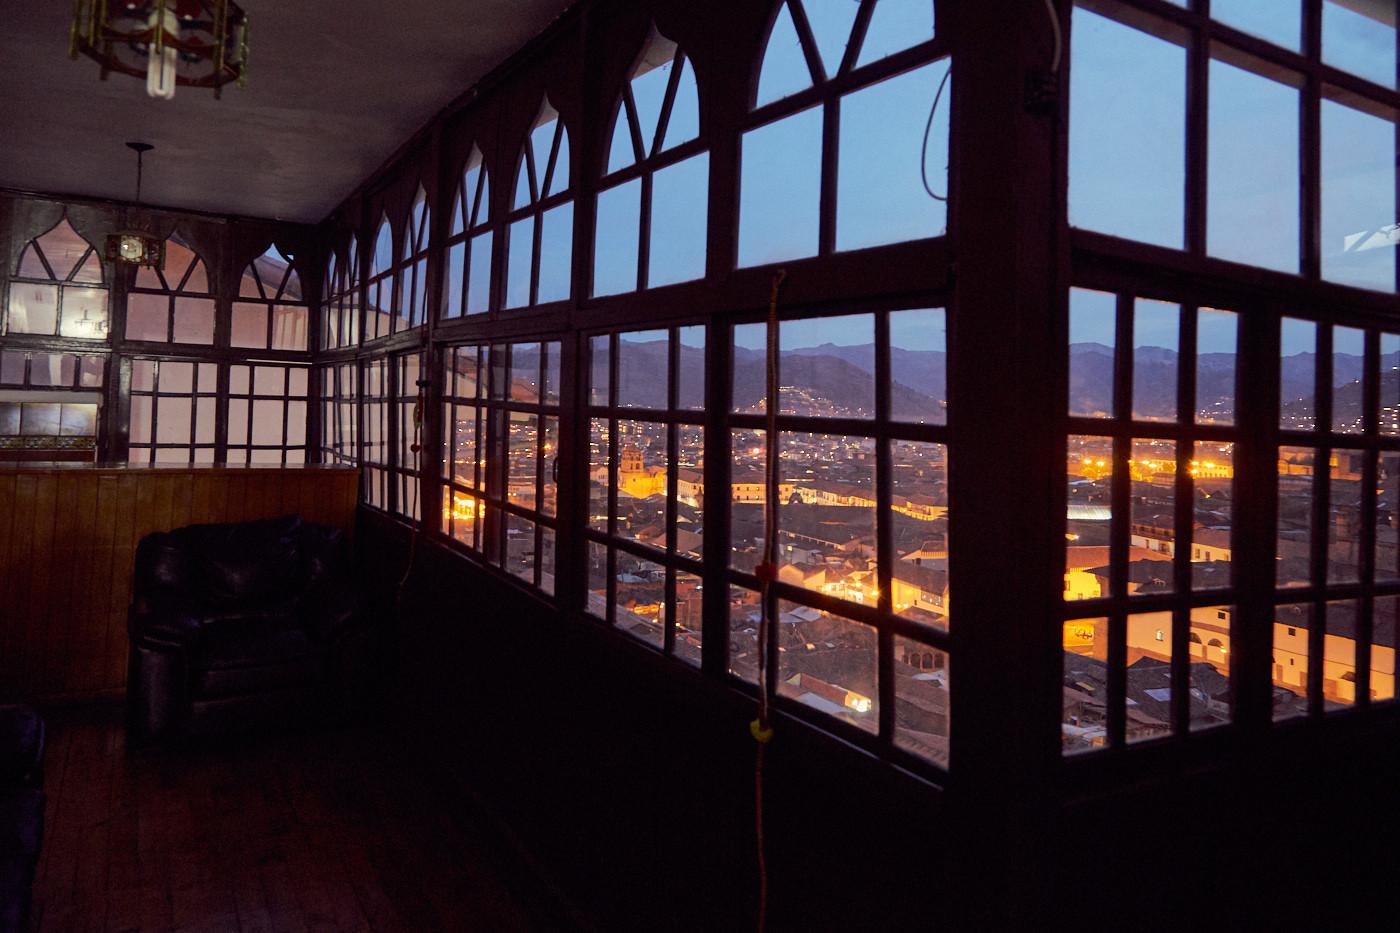 Sehr schönes altes Gewölbe in diesem Hotel in Peru. Ein toller Blick auf Cusco bei Nacht